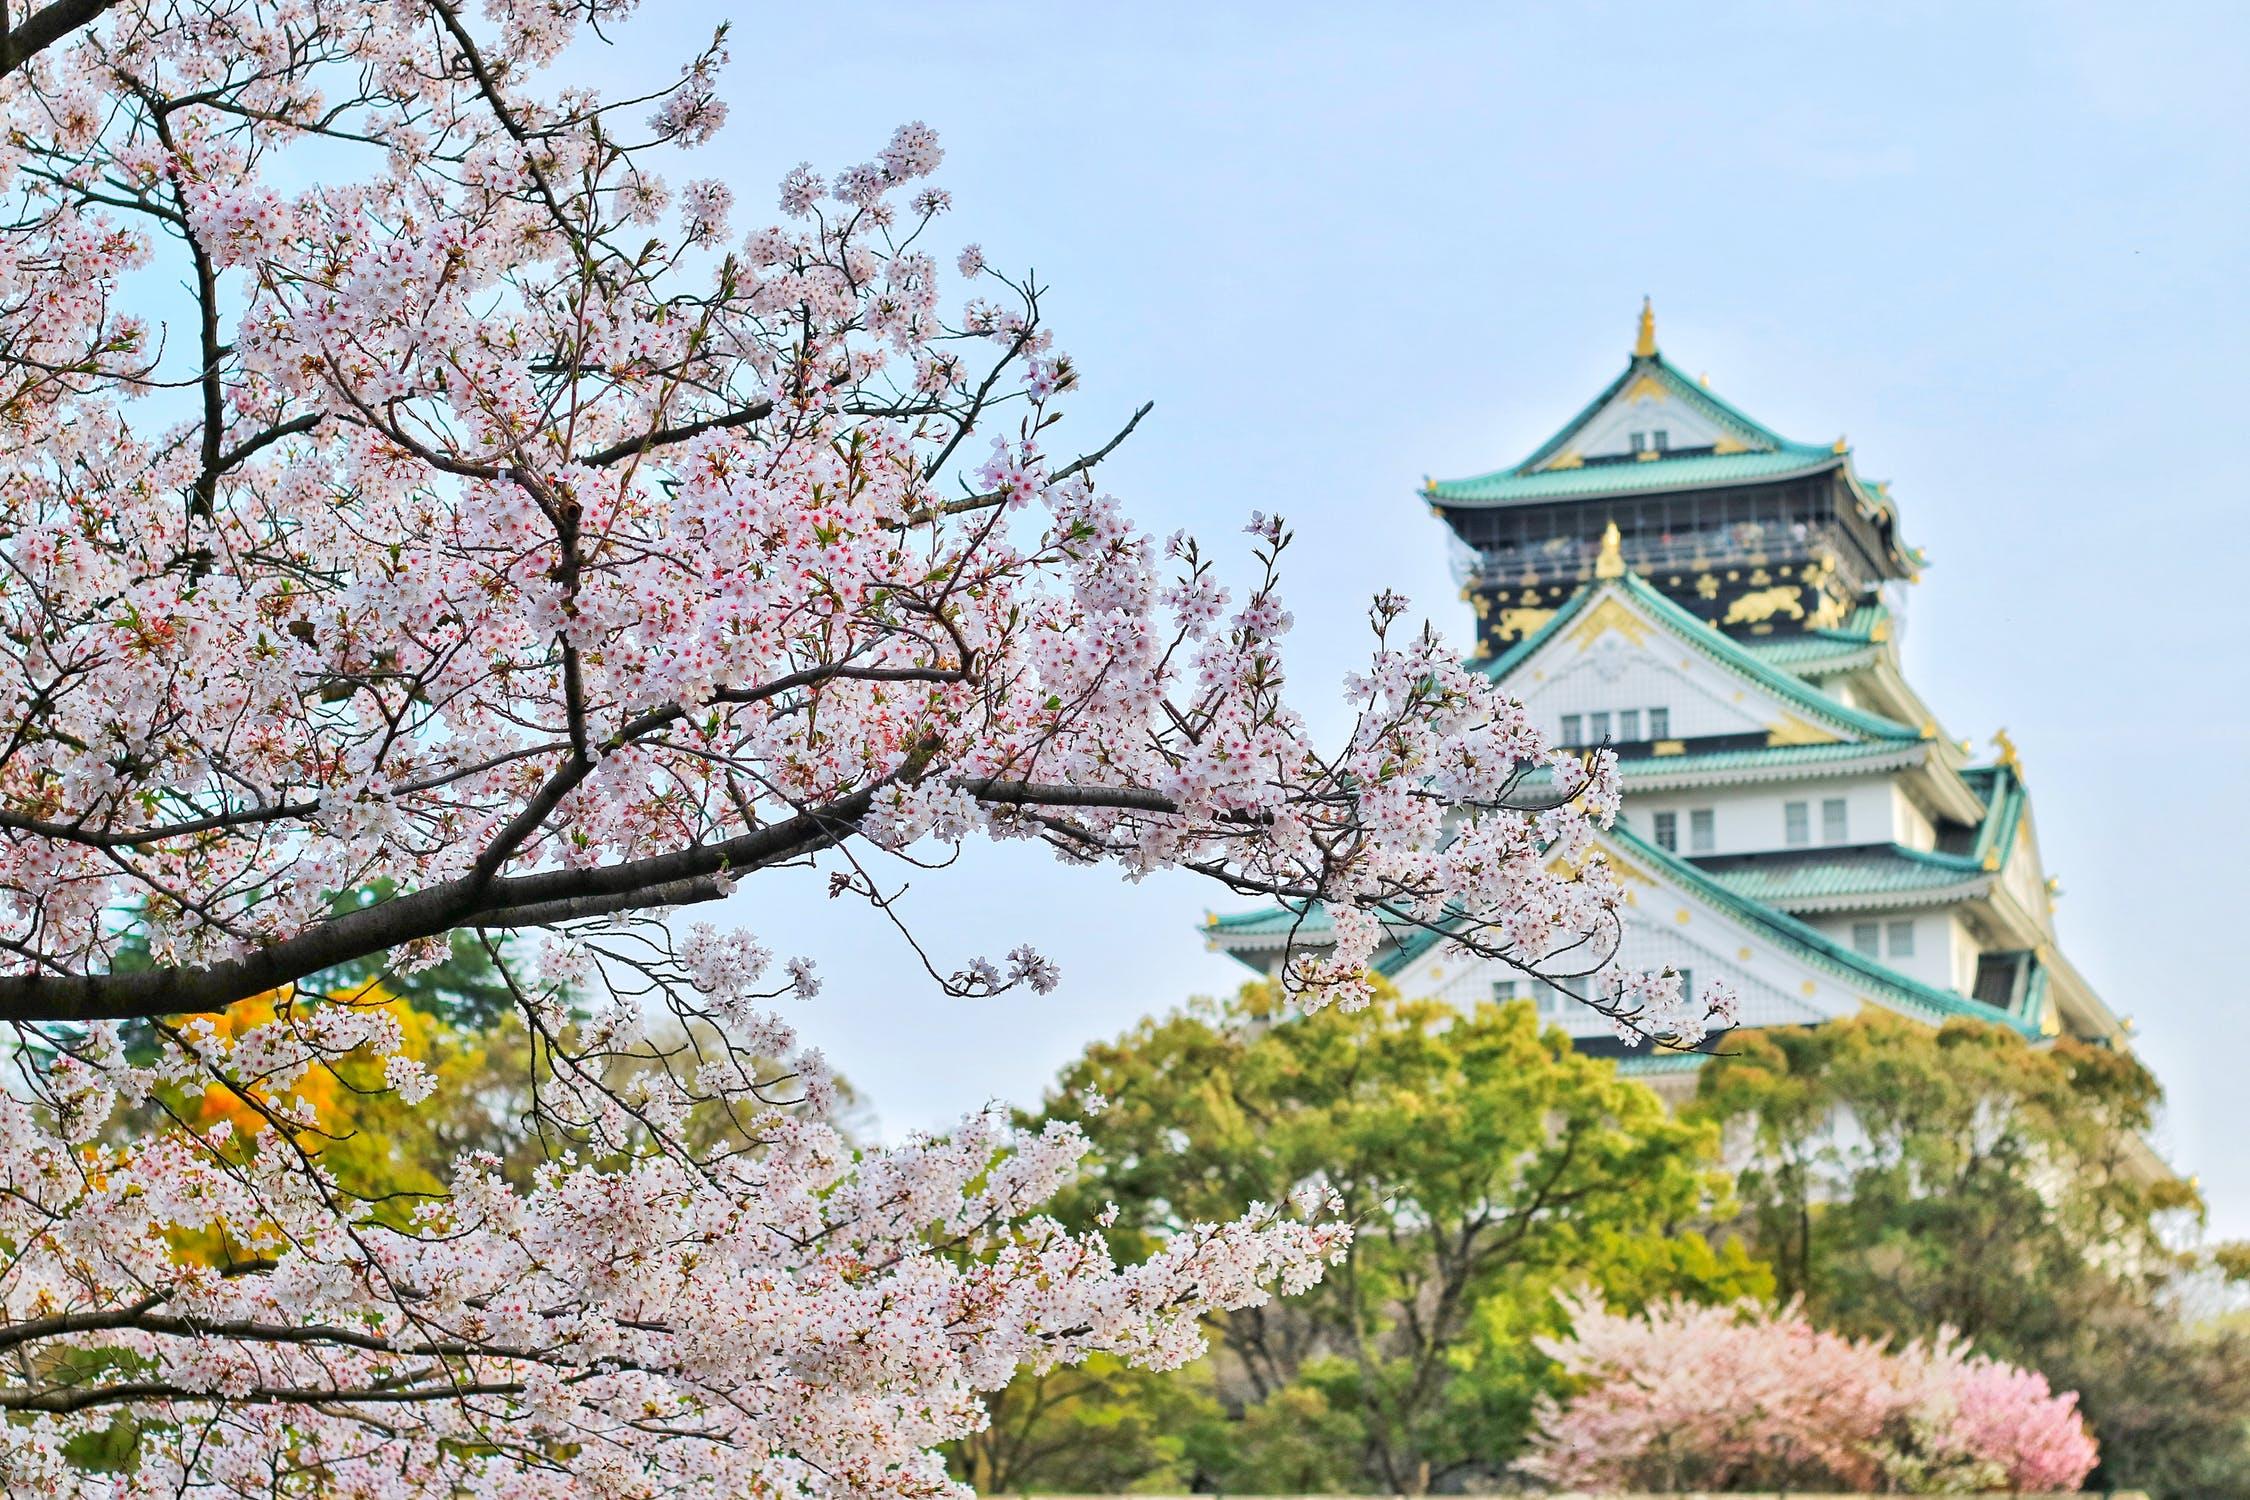 Adequaatheidsbesluit Japan